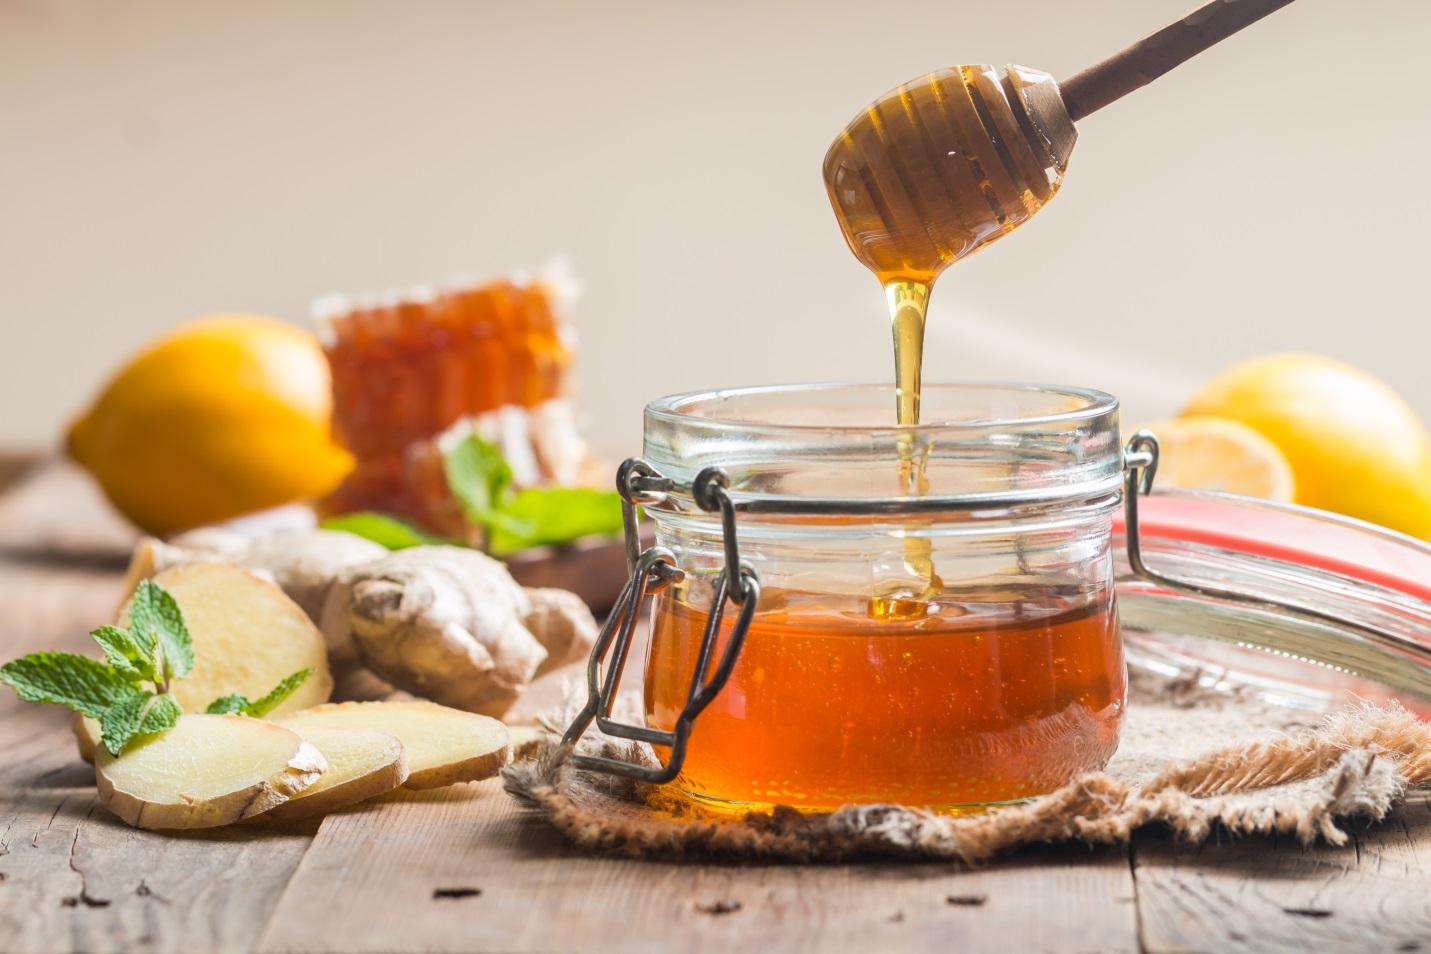 Obat Batuk Herbal Alami Untuk Anak, Aman Dikonsumsi atau Tidak, Ya?